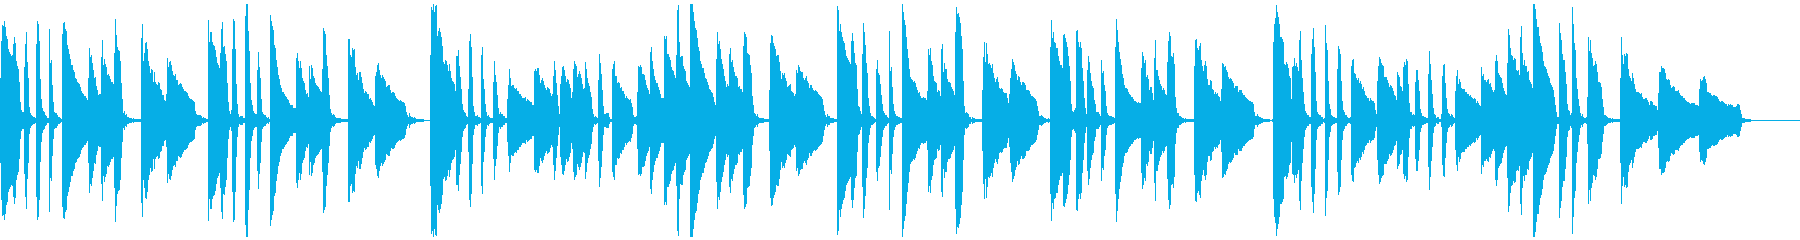 ヤマハ音楽教室の曲_ドイツ民謡「池の雨」の再生済みの波形